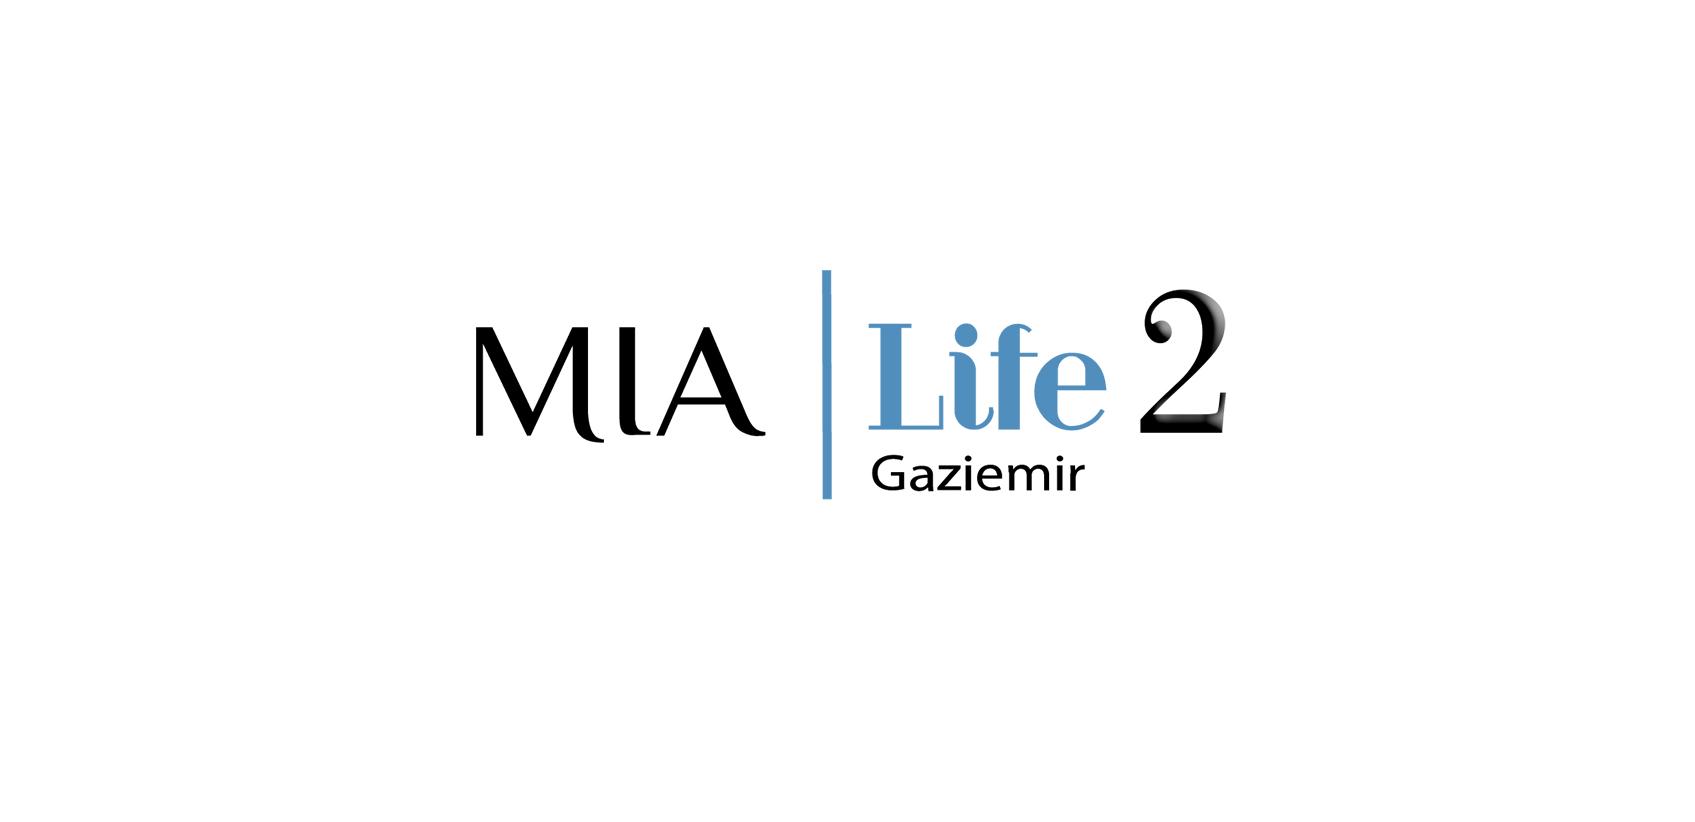 Mia Life 2 Gaziemir